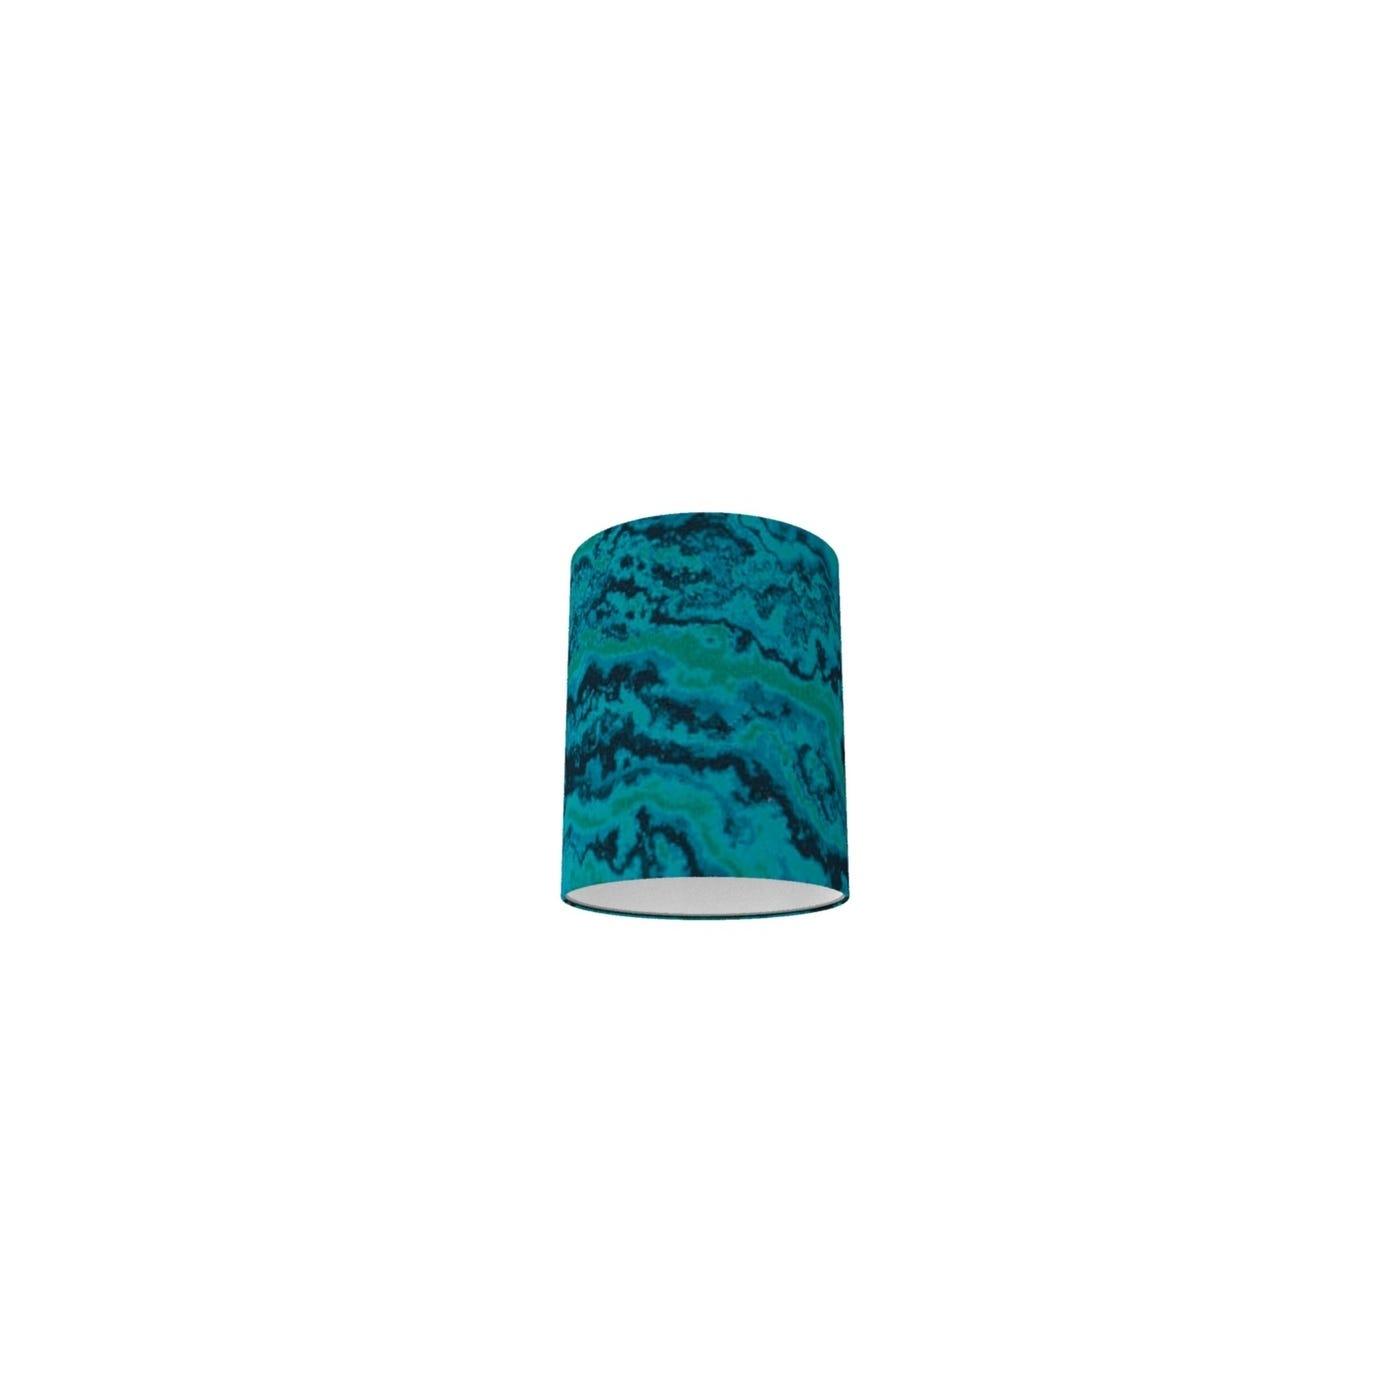 Serpentine Shade Blue